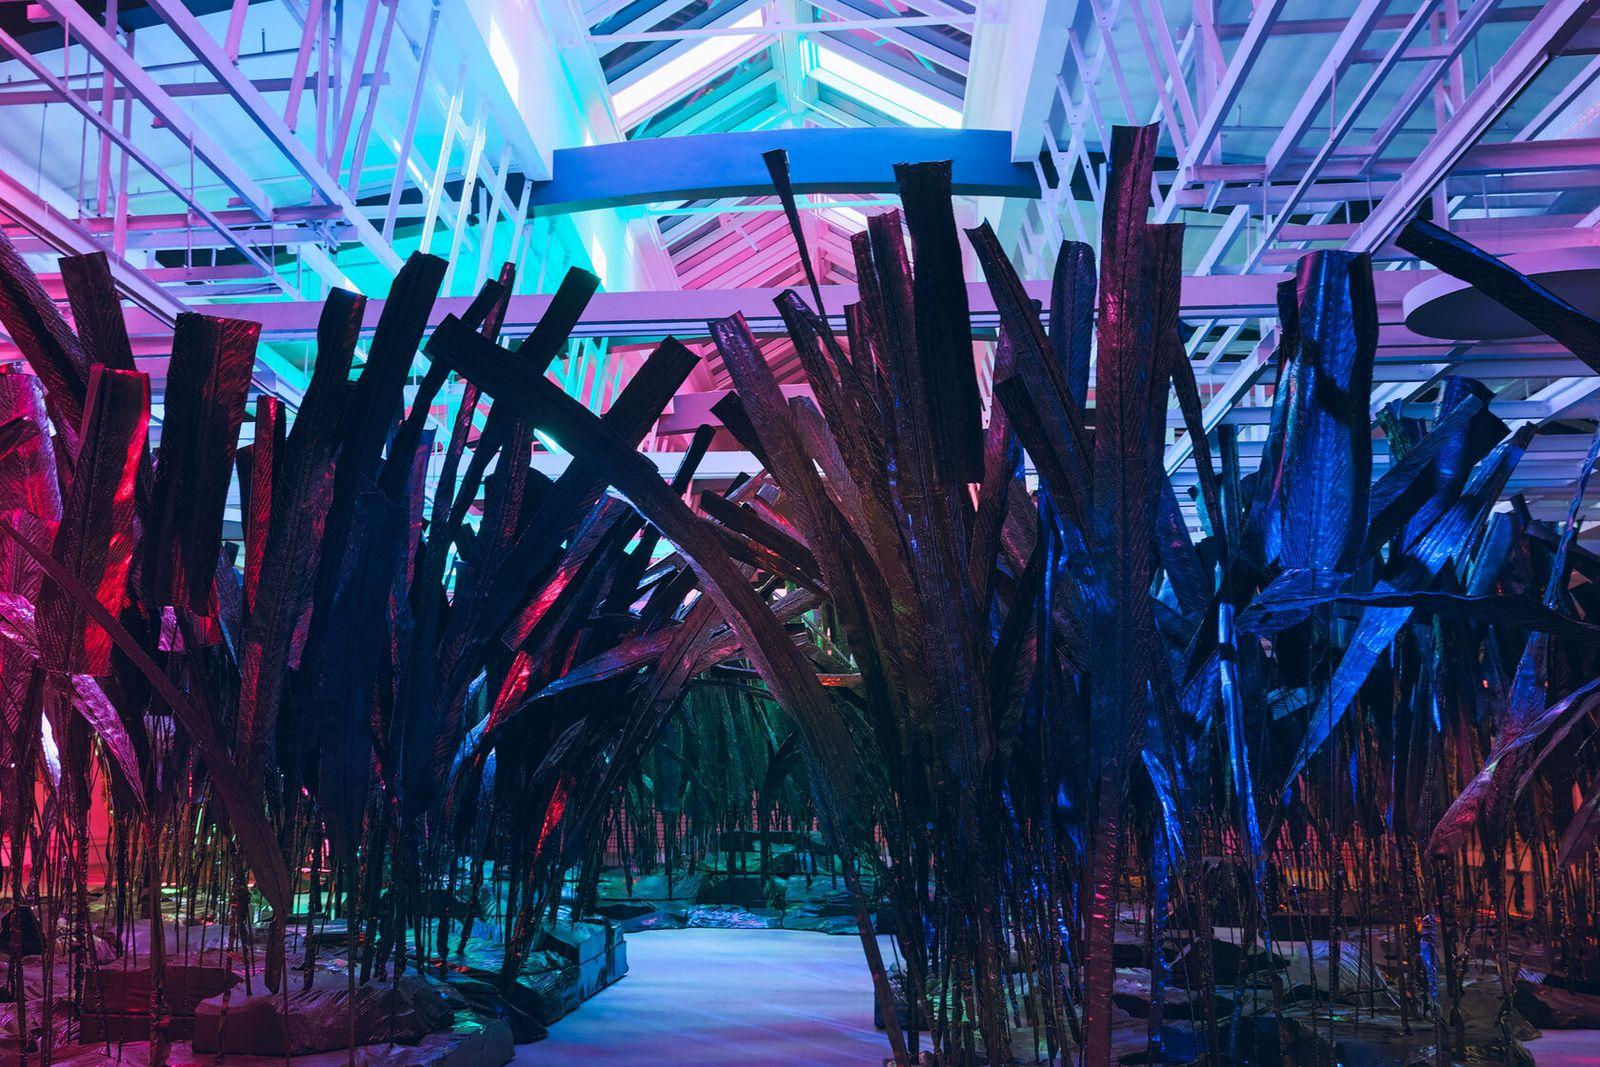 Инсталляция «Лес истекших ссылок» — серия фрагментов цифрового леса, изготовленная из термообработанной пленки. На каждом листе и на каждом фрагменте ландшафта отображены истекшие ссылки / Фото: Манеж